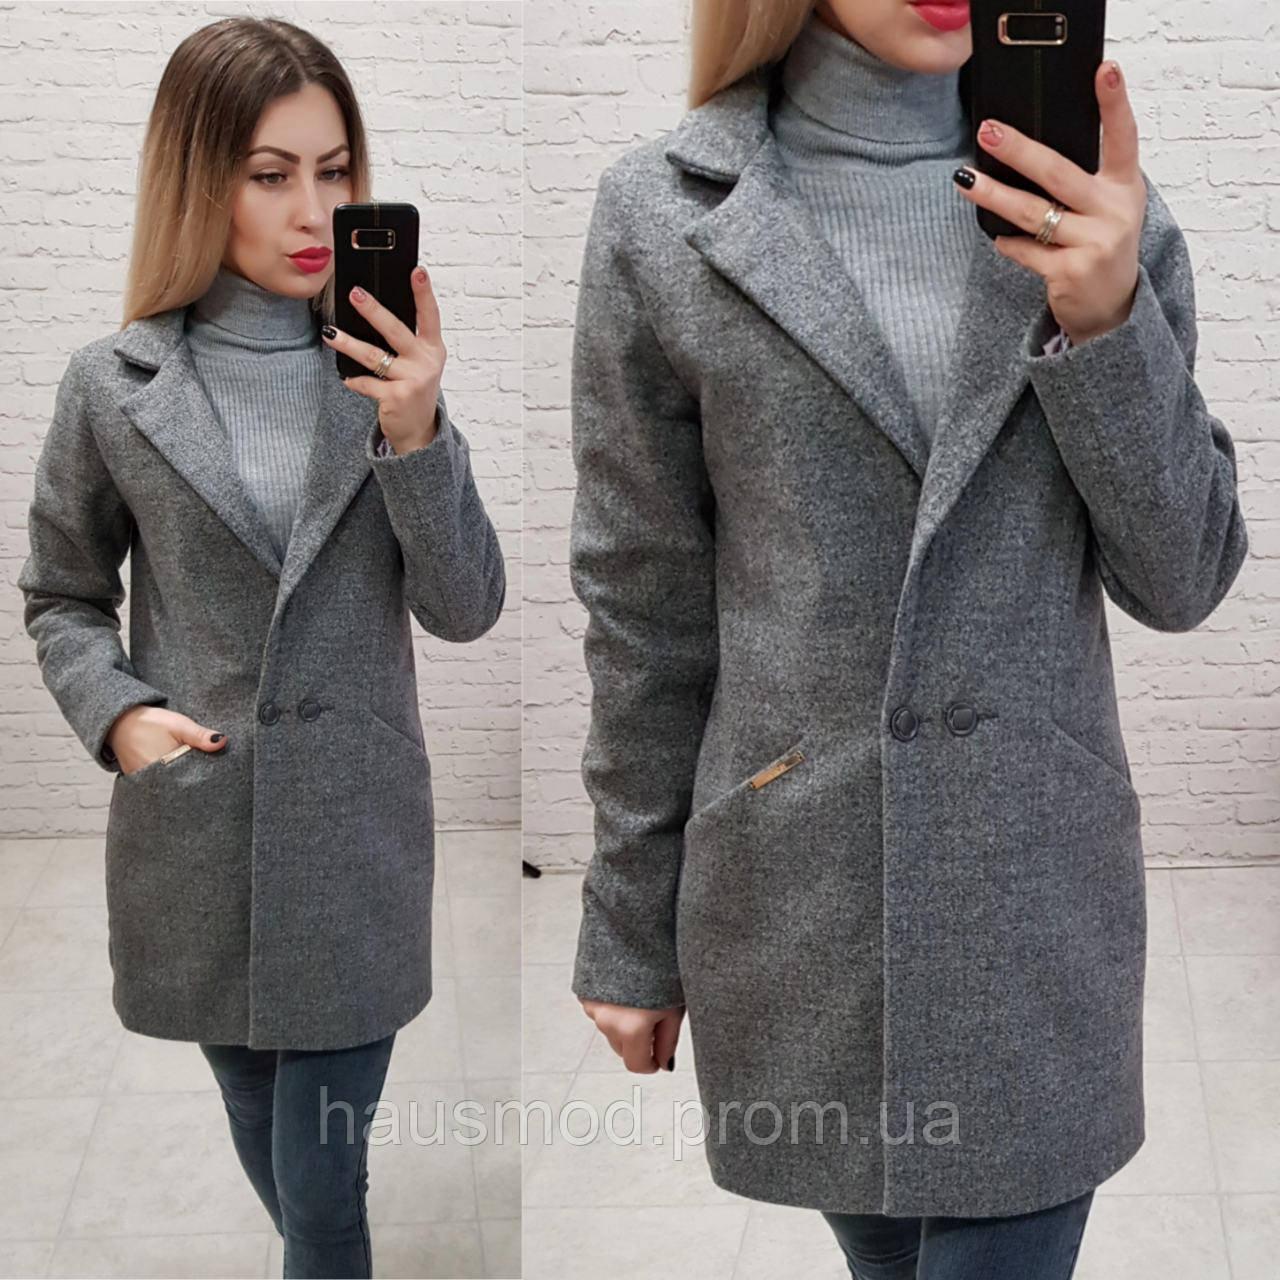 Женское пальто материал кашемир фабричный китайдлина 80 см цвет серый